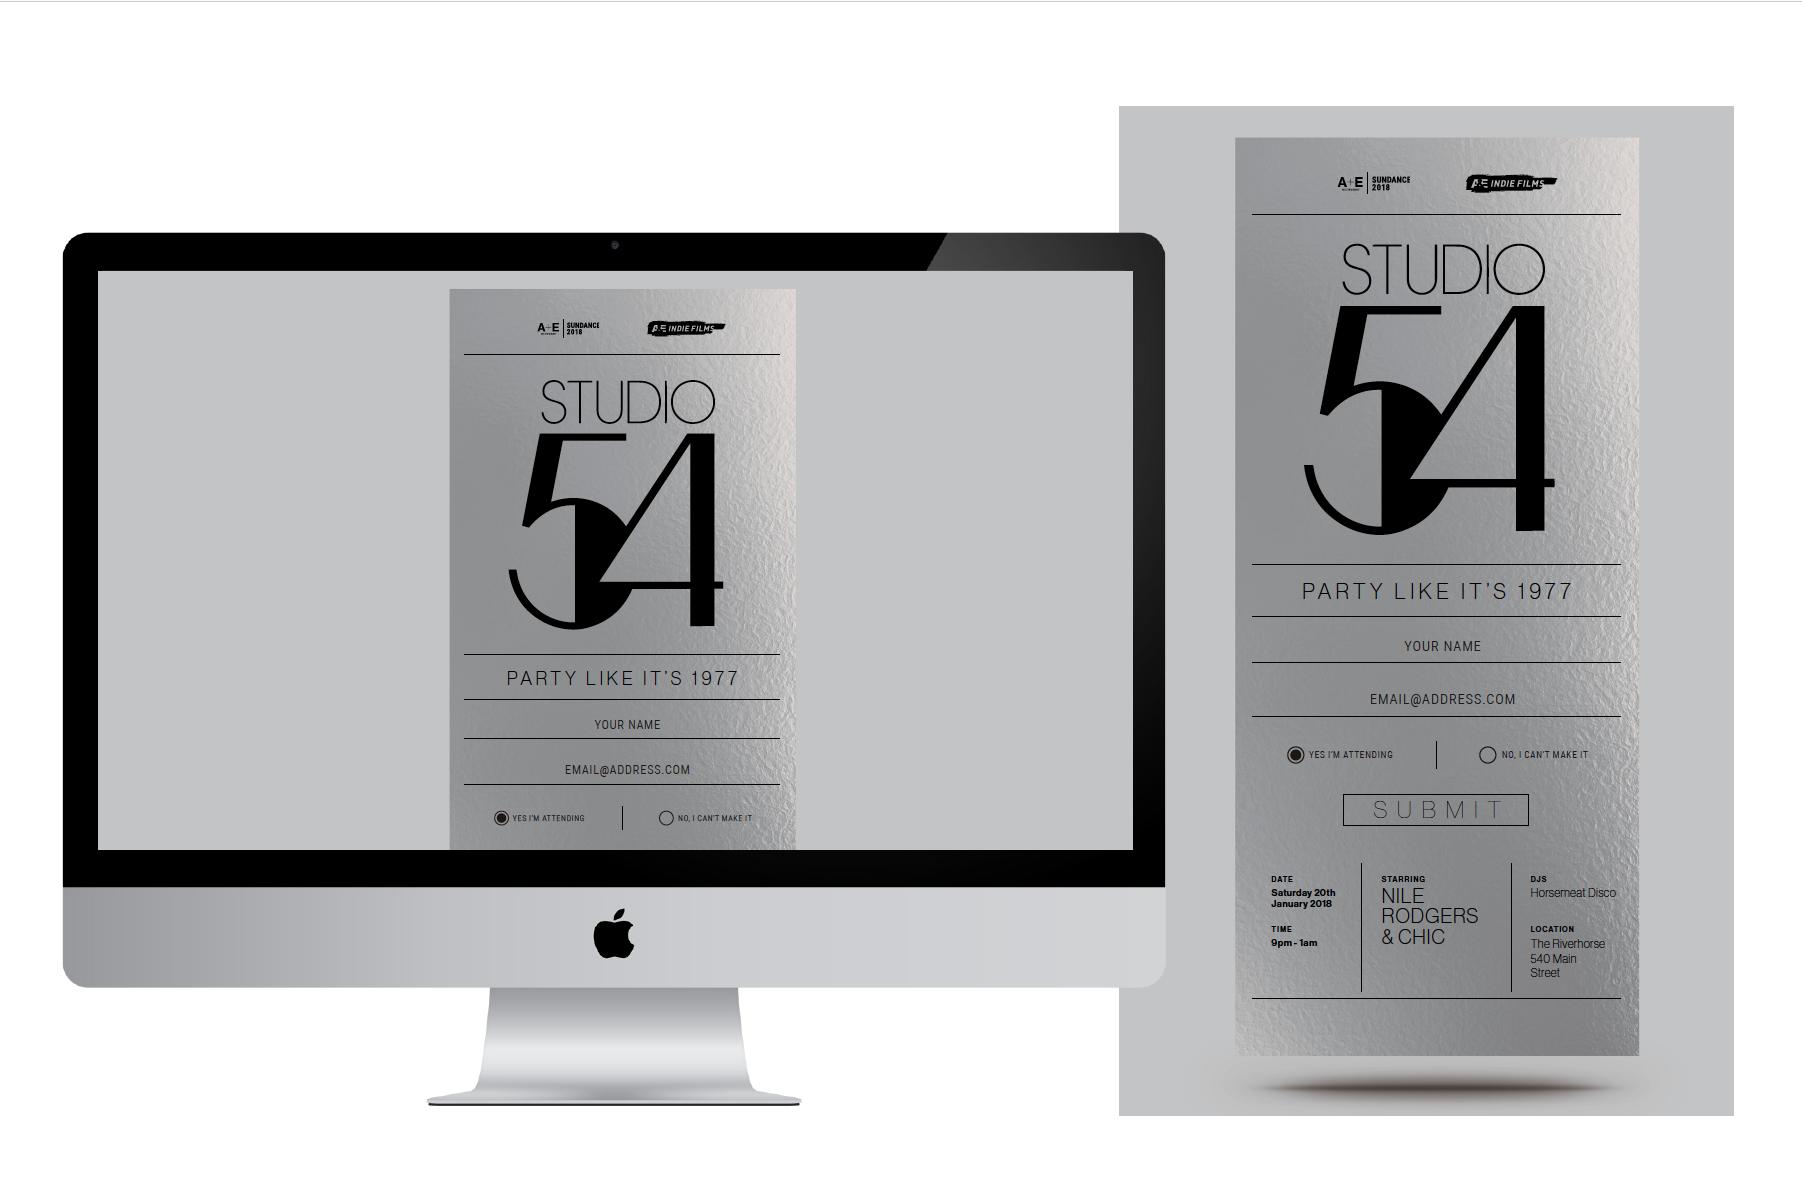 A+E Networks & A&E Indie Films Studio 54 RSVP Design